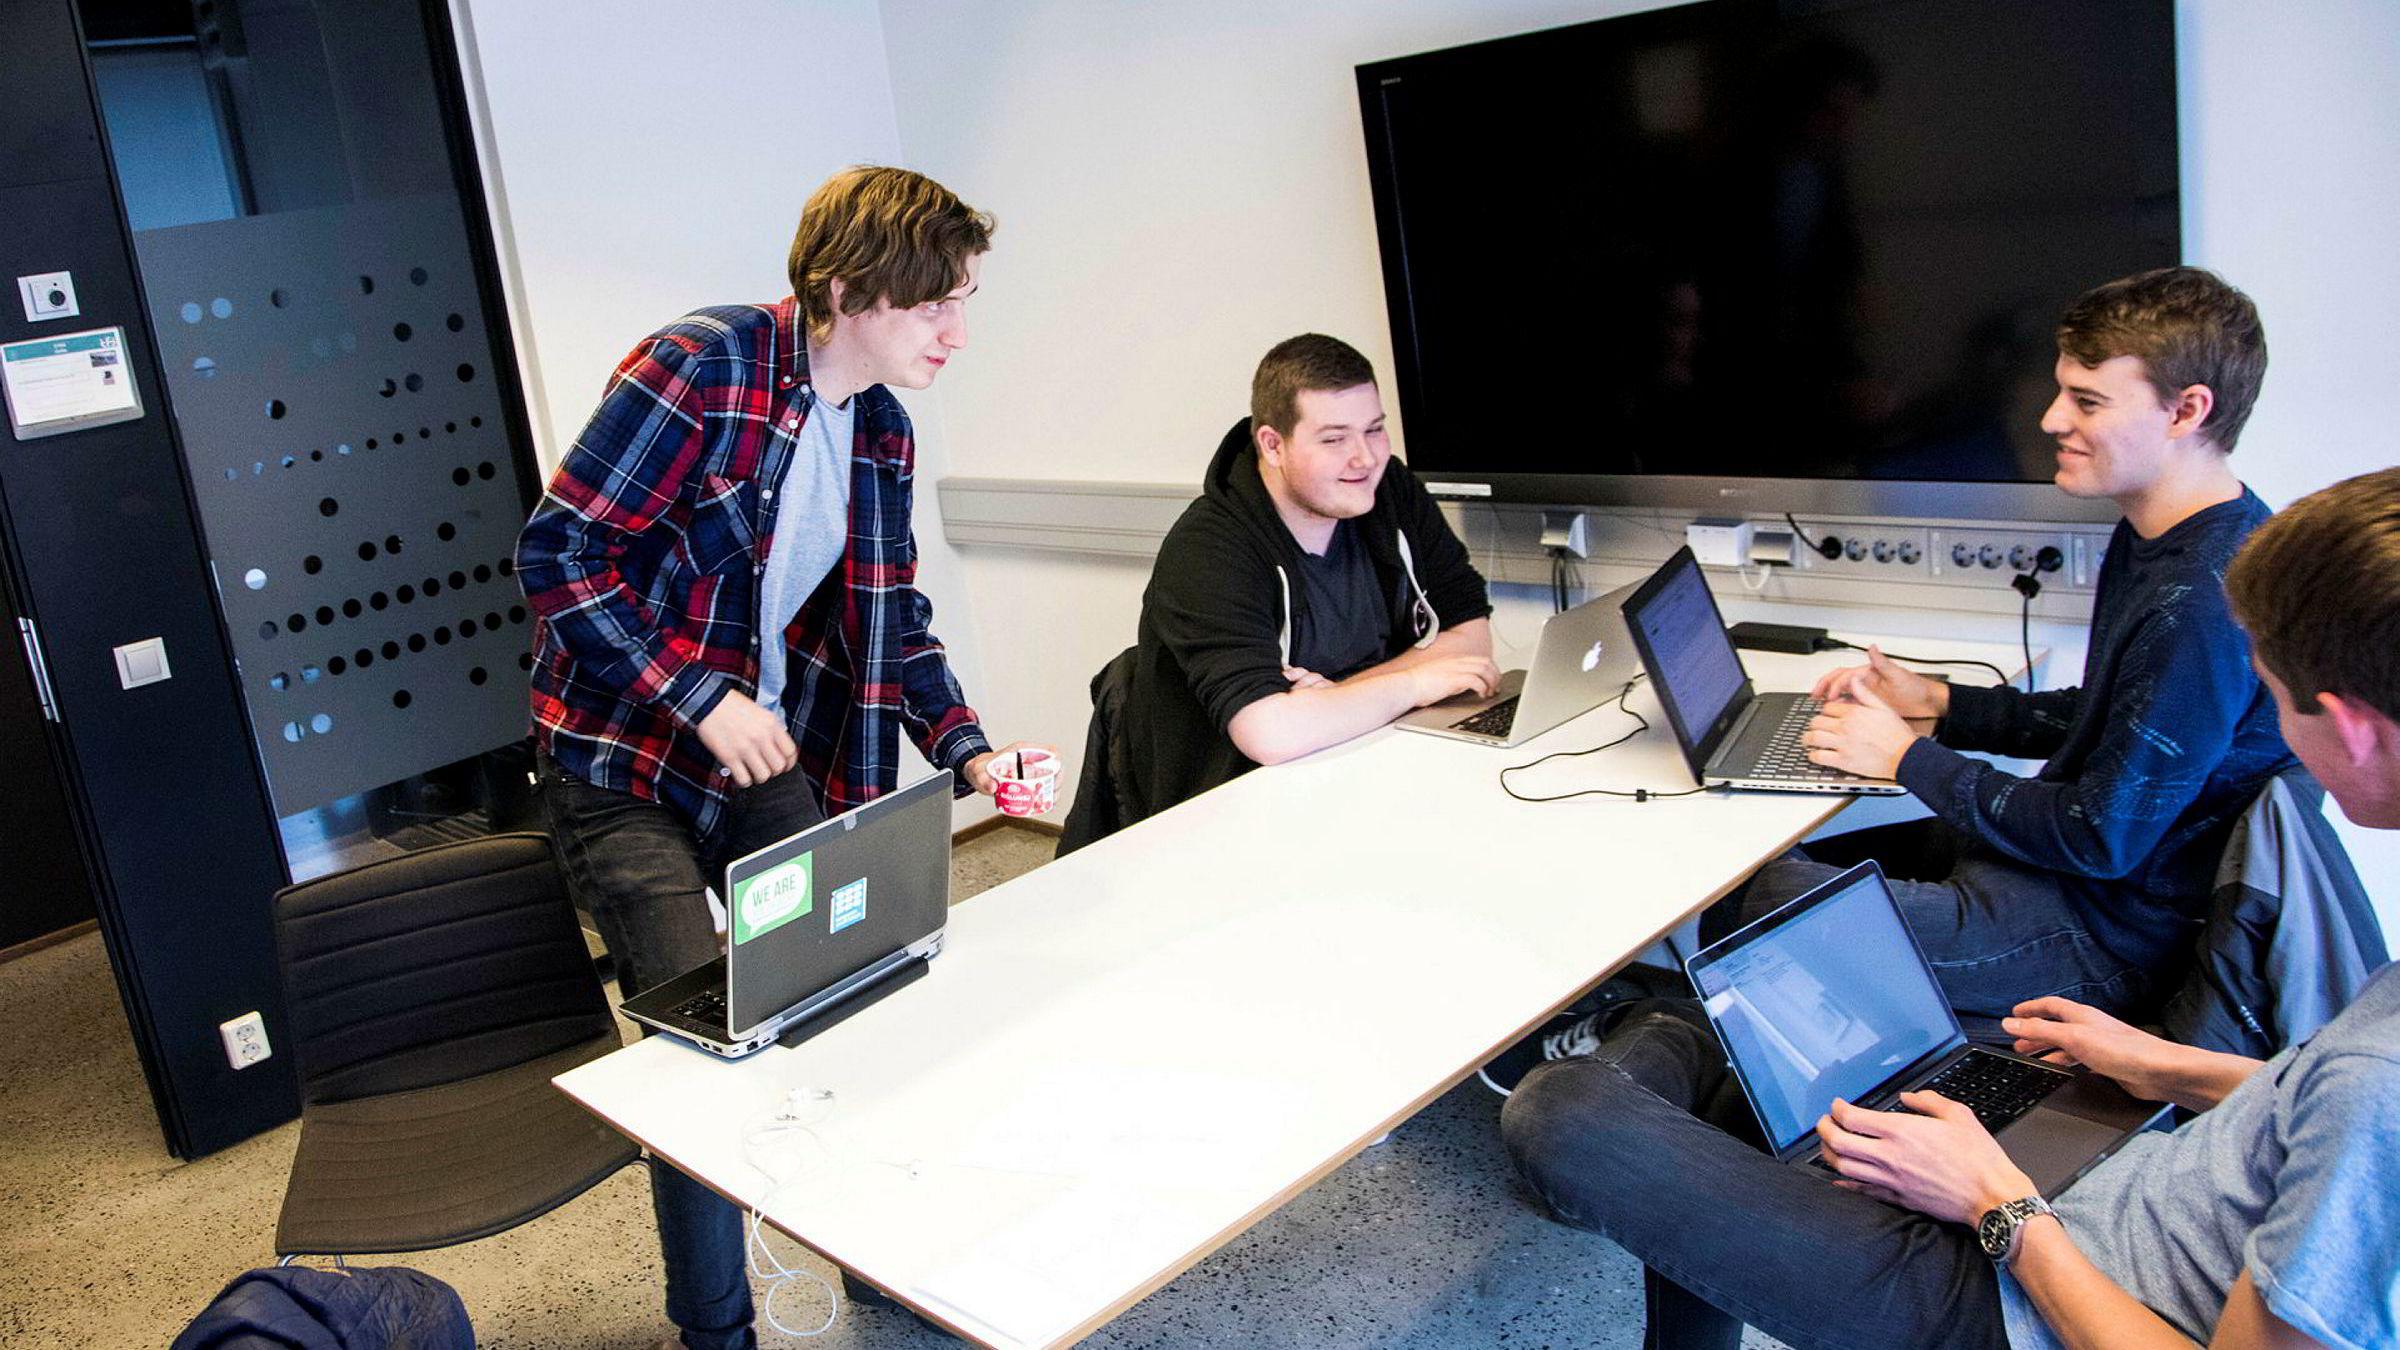 Benjamin Myrstad (fra venstre), Jonas Roppestad Olsen, Jonathan Dyhre Bjønnes og Bjørn Henrik Harr studerer design, bruk og interaksjon ved Institutt for informatikk på Universitetet i Oslo. It-studier opplever stor pågang fra søkere.